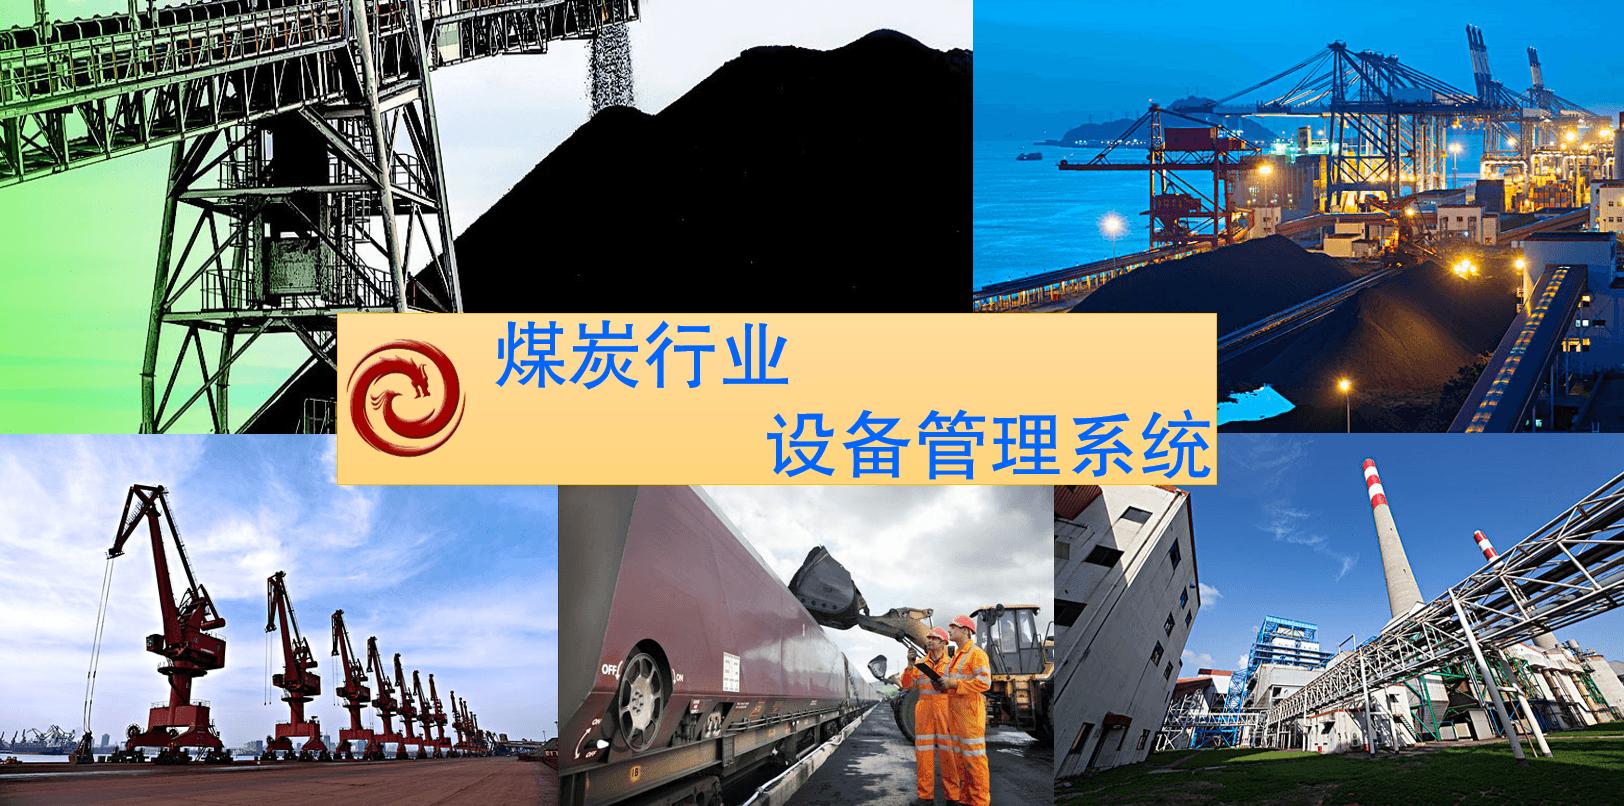 煤炭行业设备管理系统应用概况